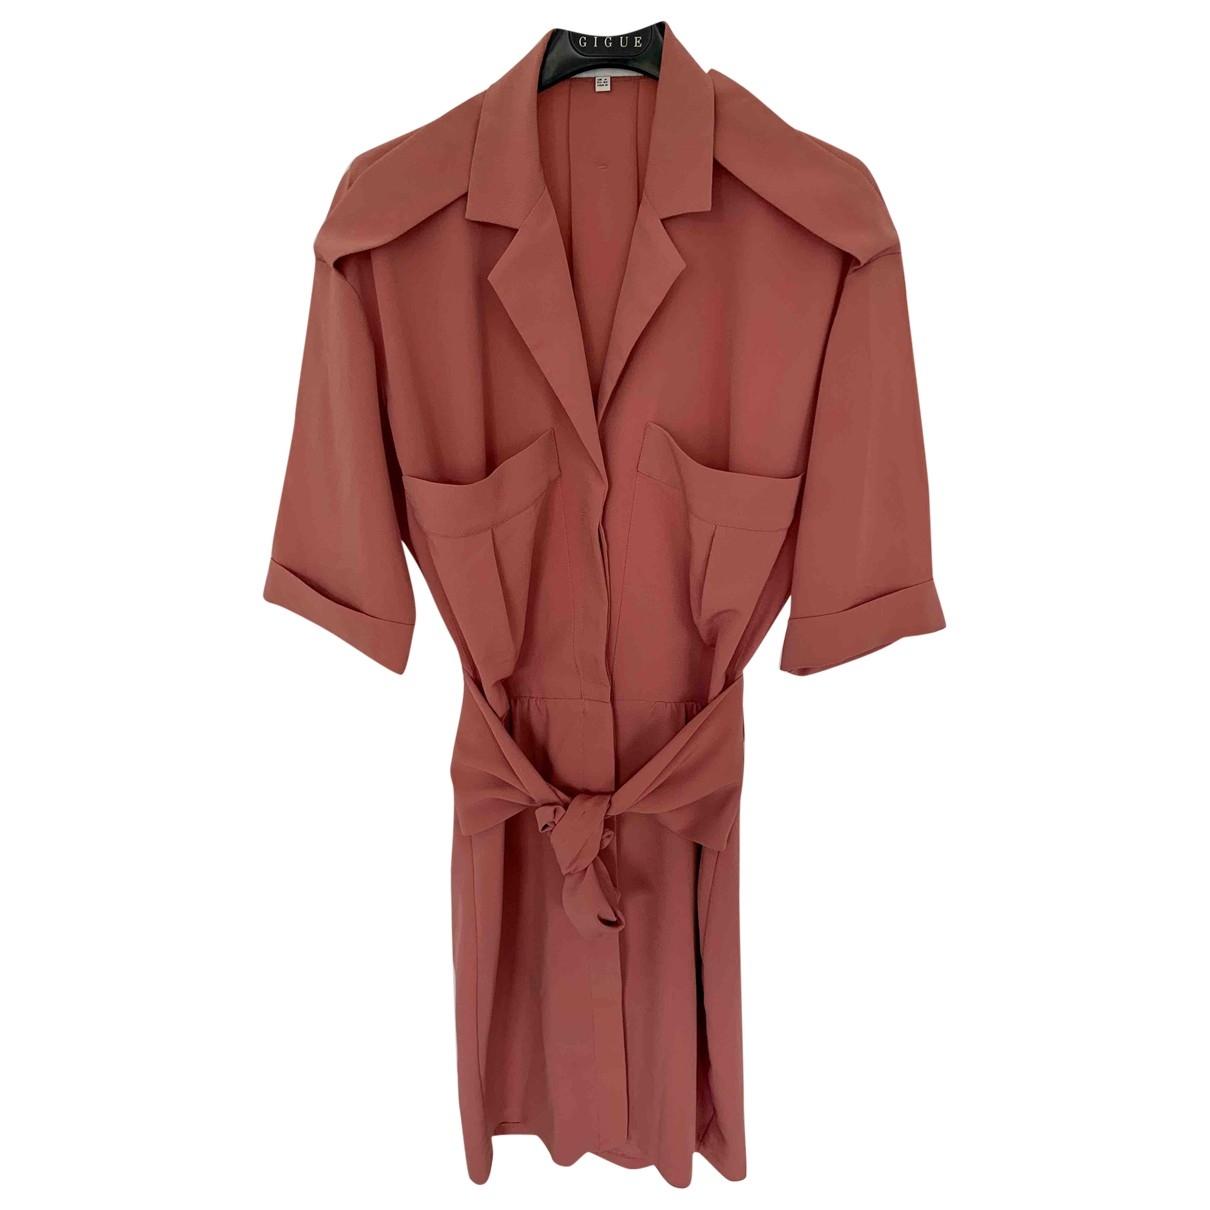 Reiss \N dress for Women 4 UK